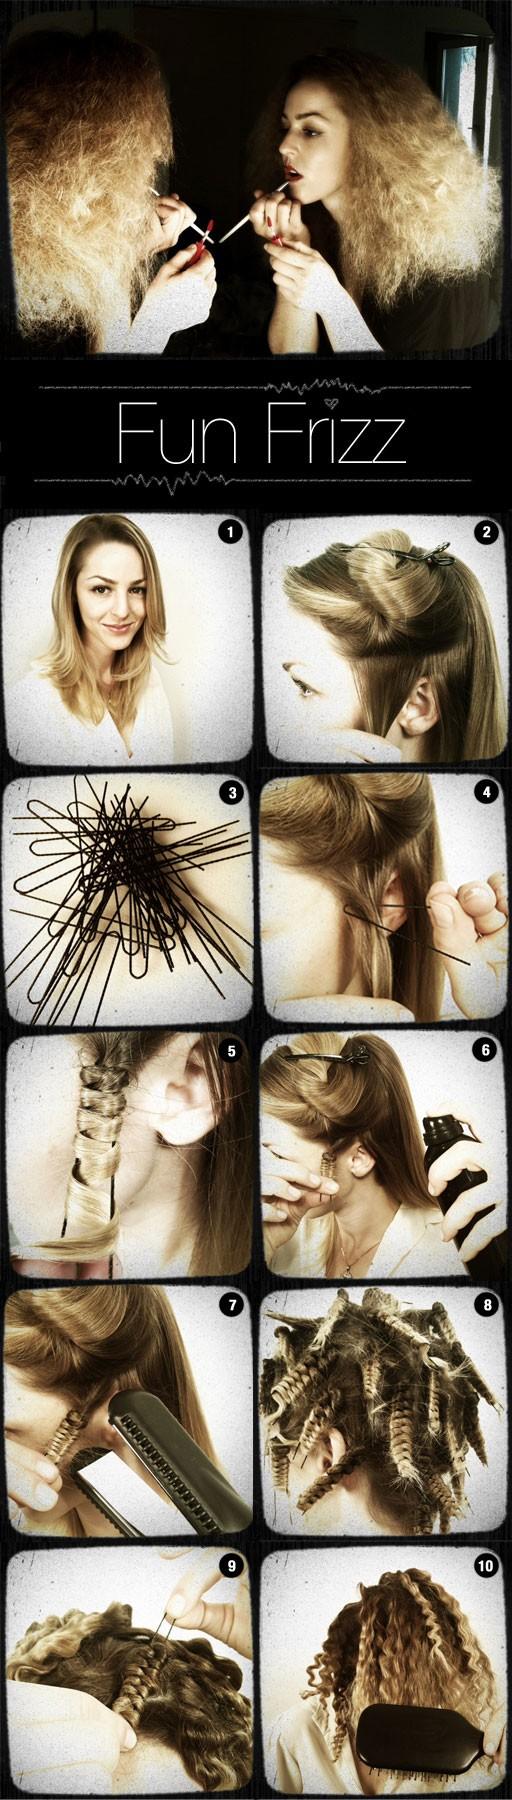 Fun frizz hair nails pinterest halloween hair hair style